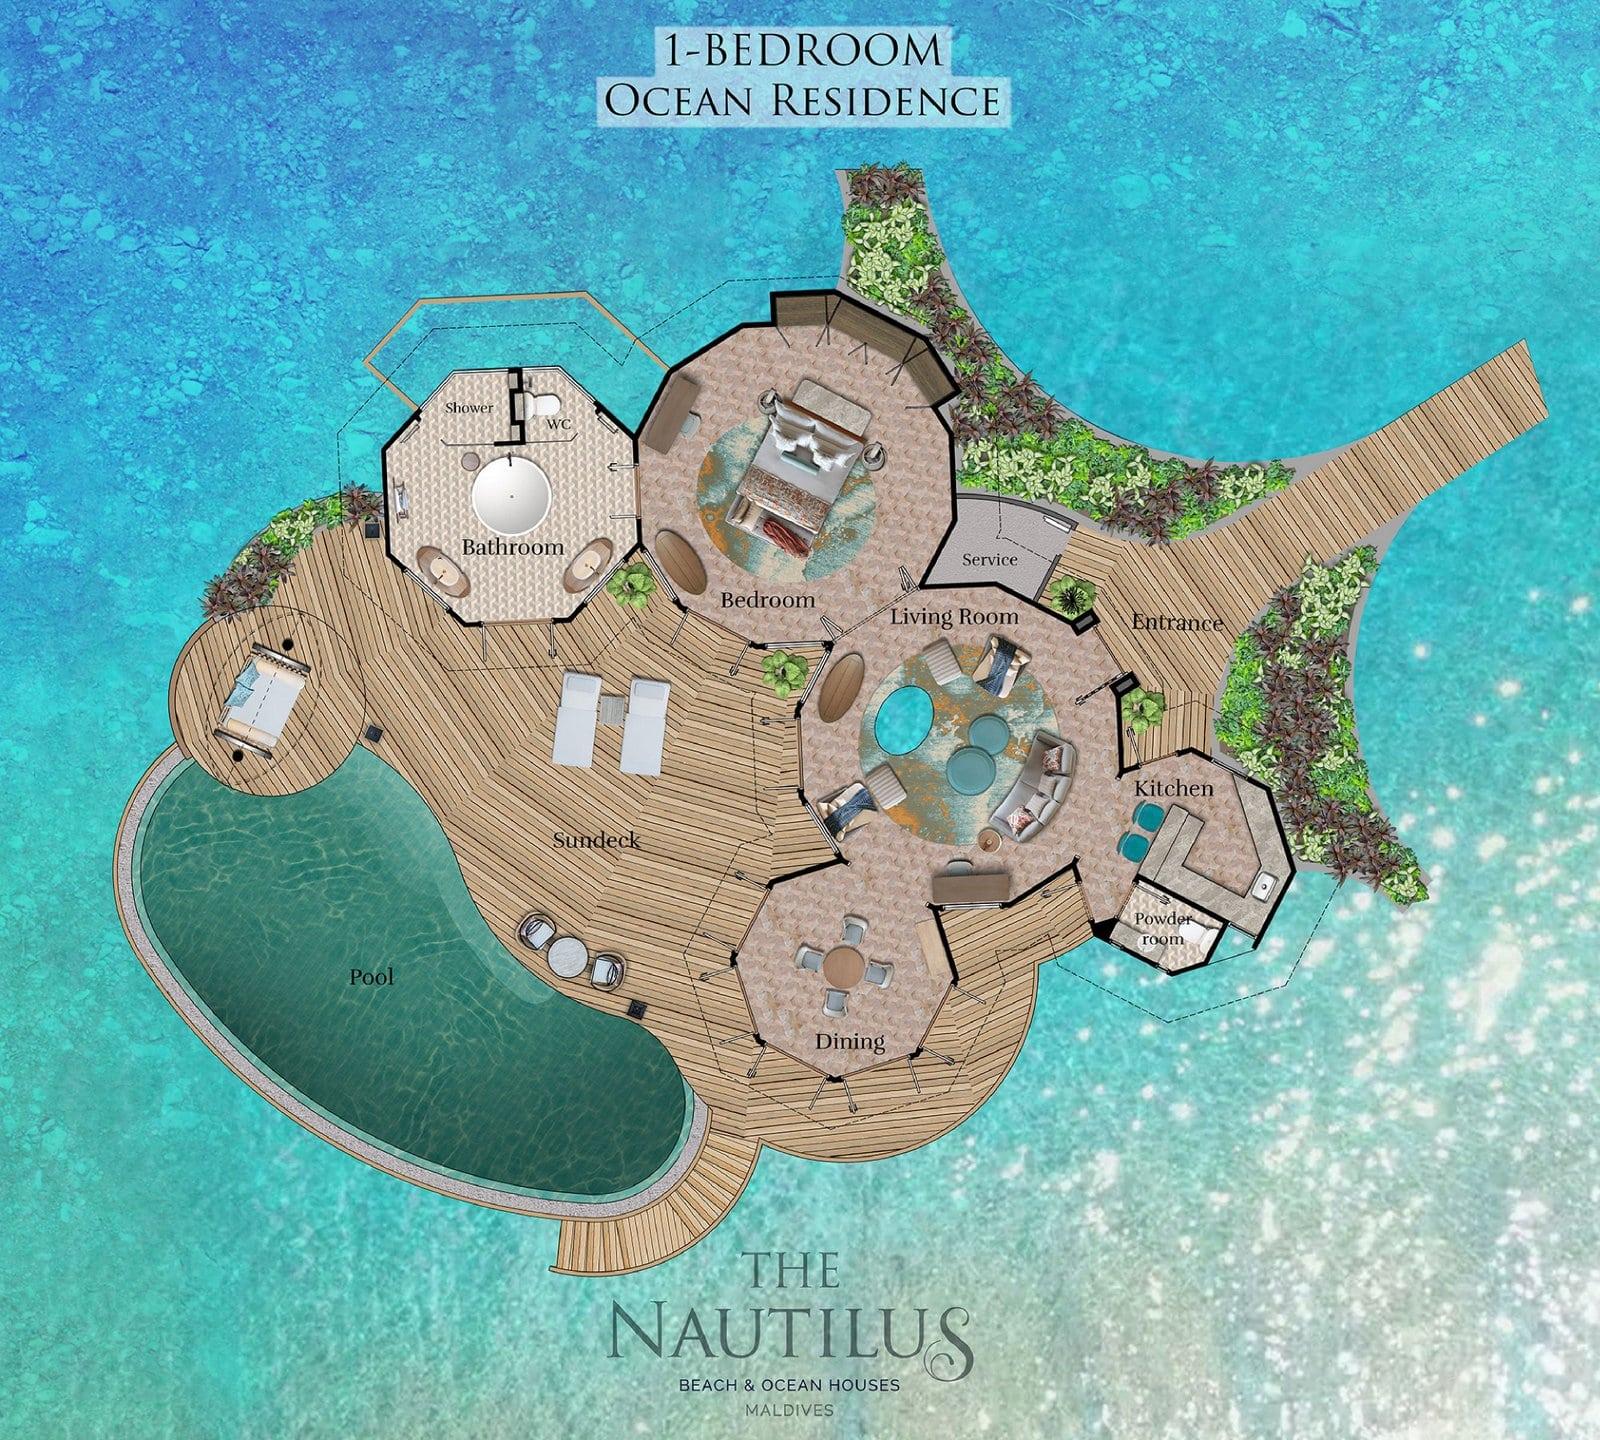 Мальдивы, отель The Nautilus Maldives, план-схема номера One-Bedroom Ocean Residence